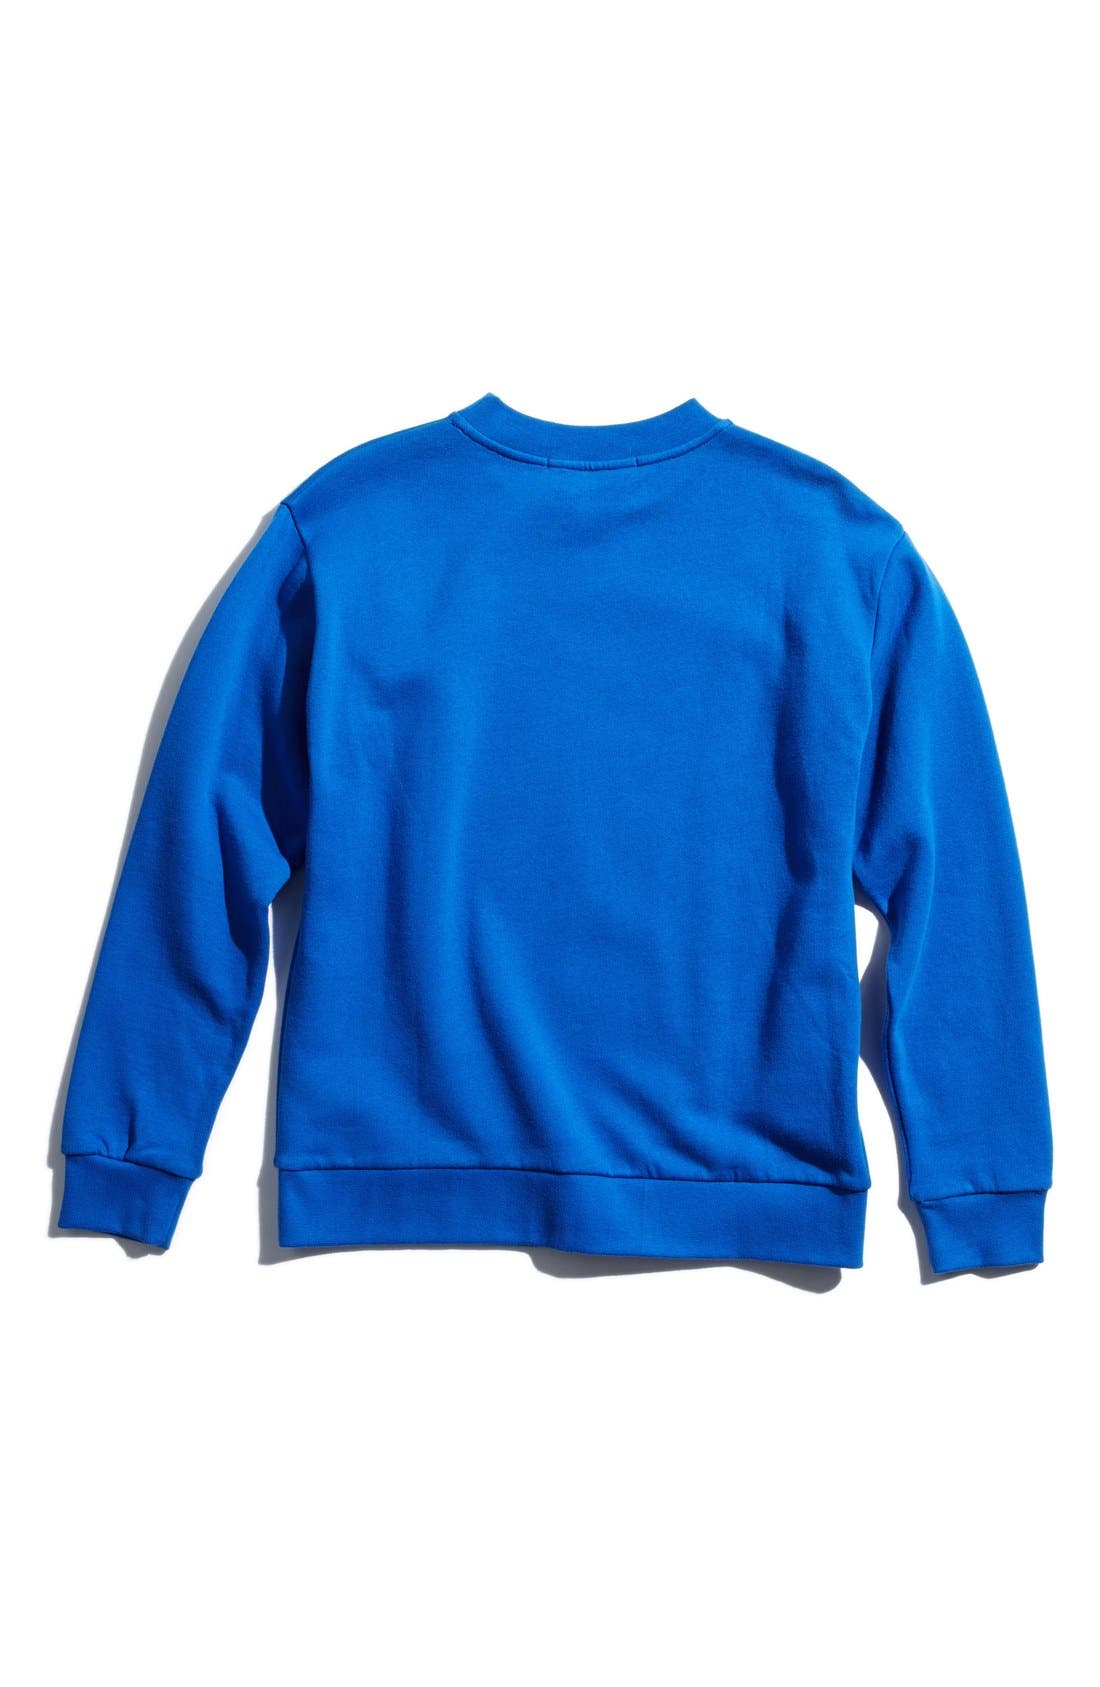 Alternate Image 2  - être cécile 'Big C - Ditsy' Boyfriend Sweatshirt (Women)